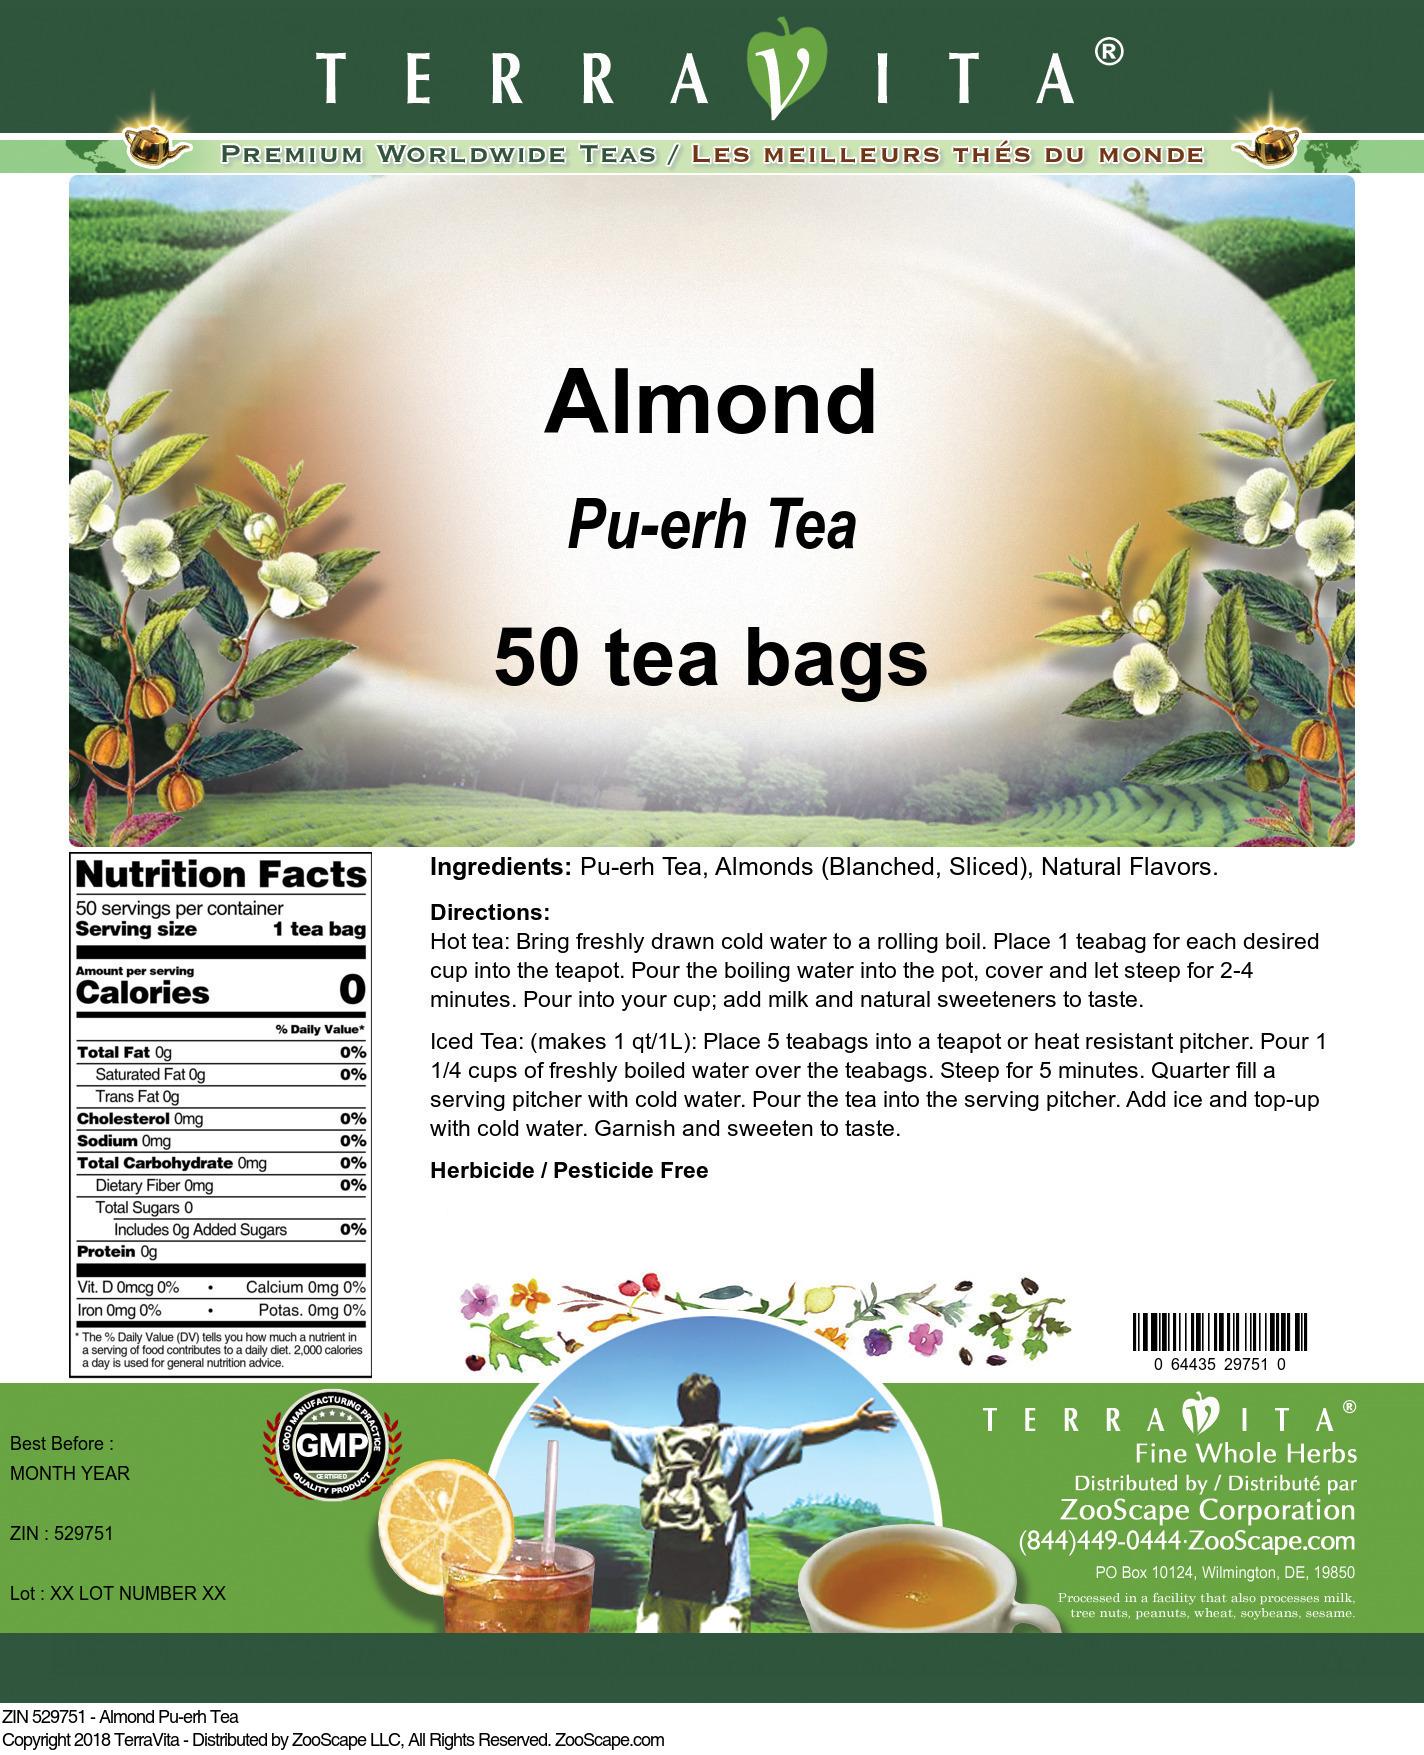 Almond Pu-erh Tea